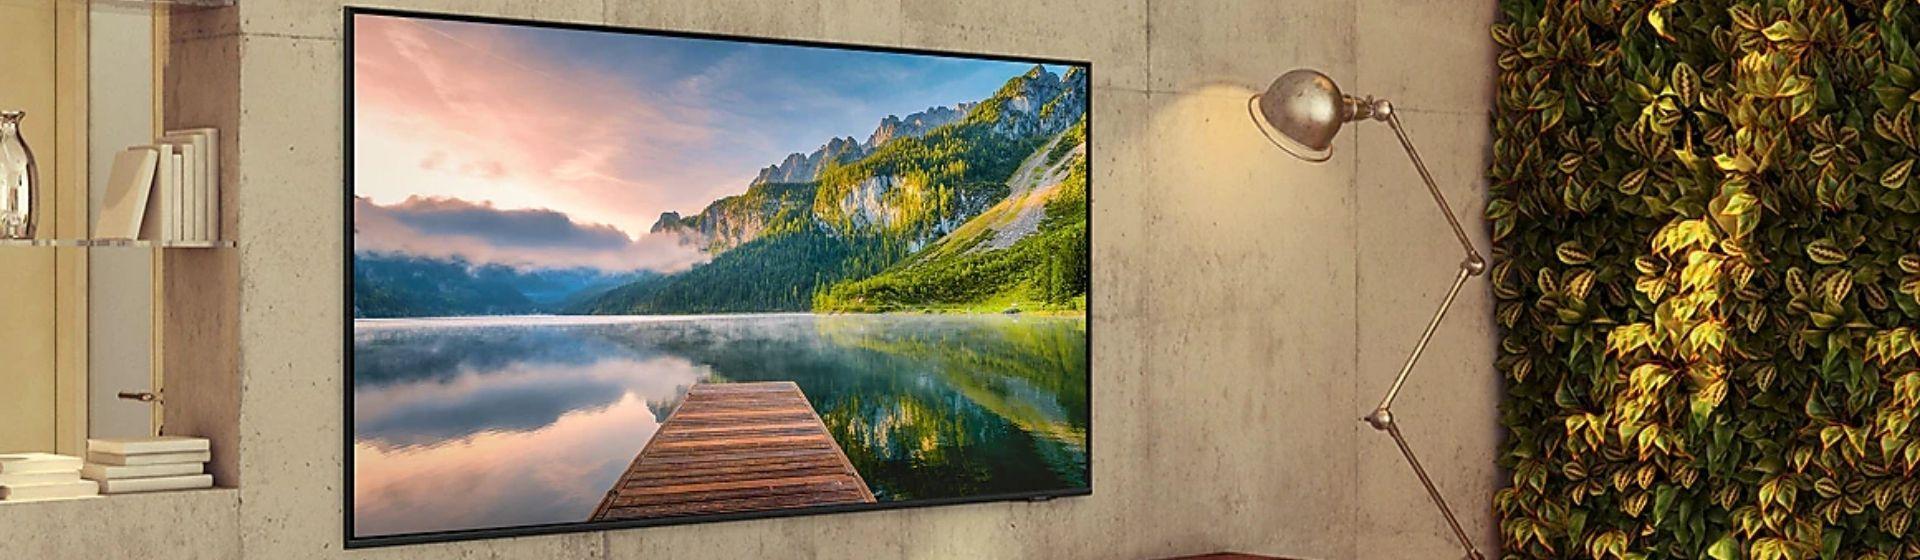 Crystal UHD: tudo sobre a linha de TVs Samsung